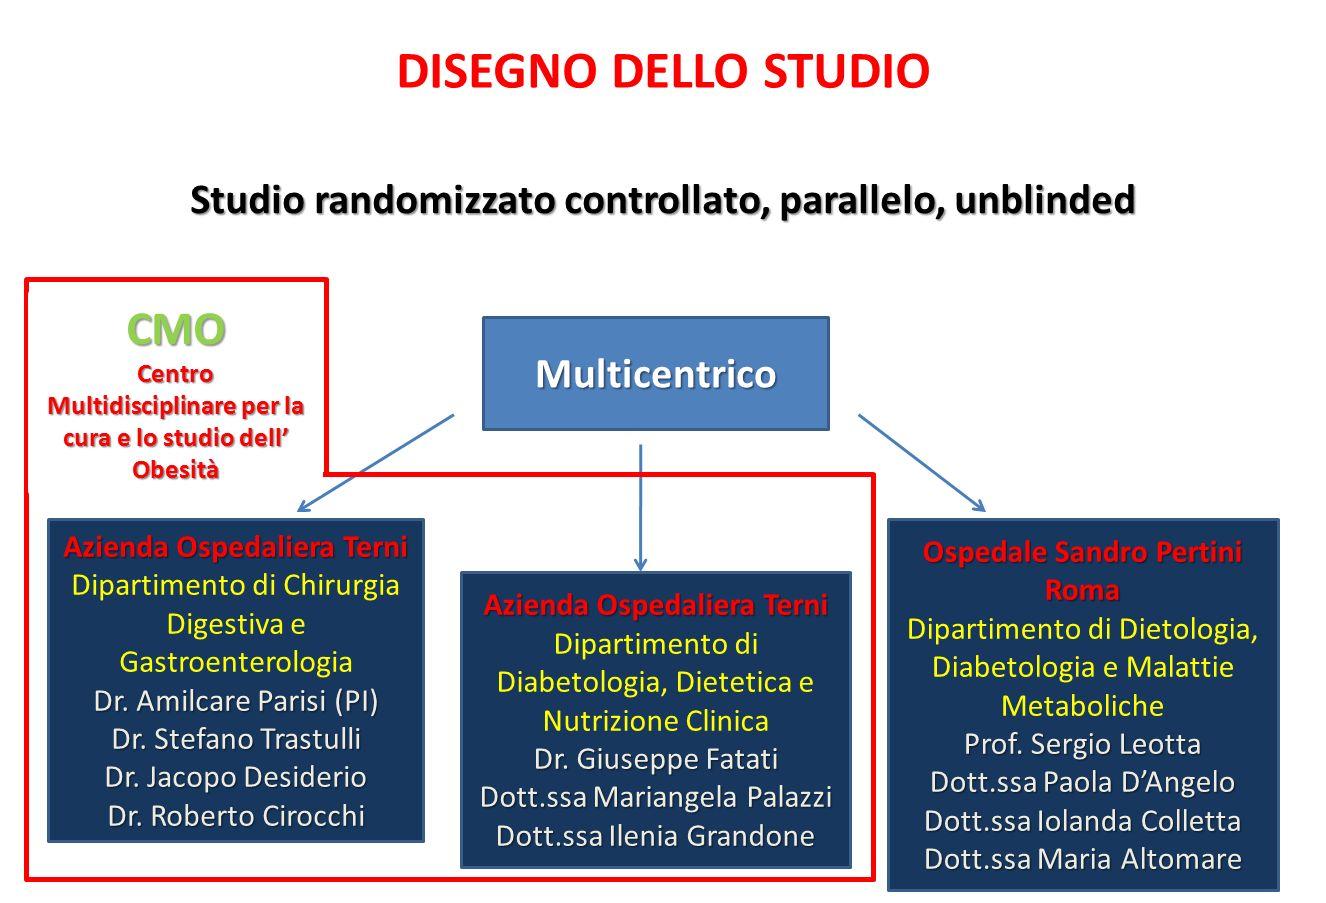 DISEGNO DELLO STUDIO CMO